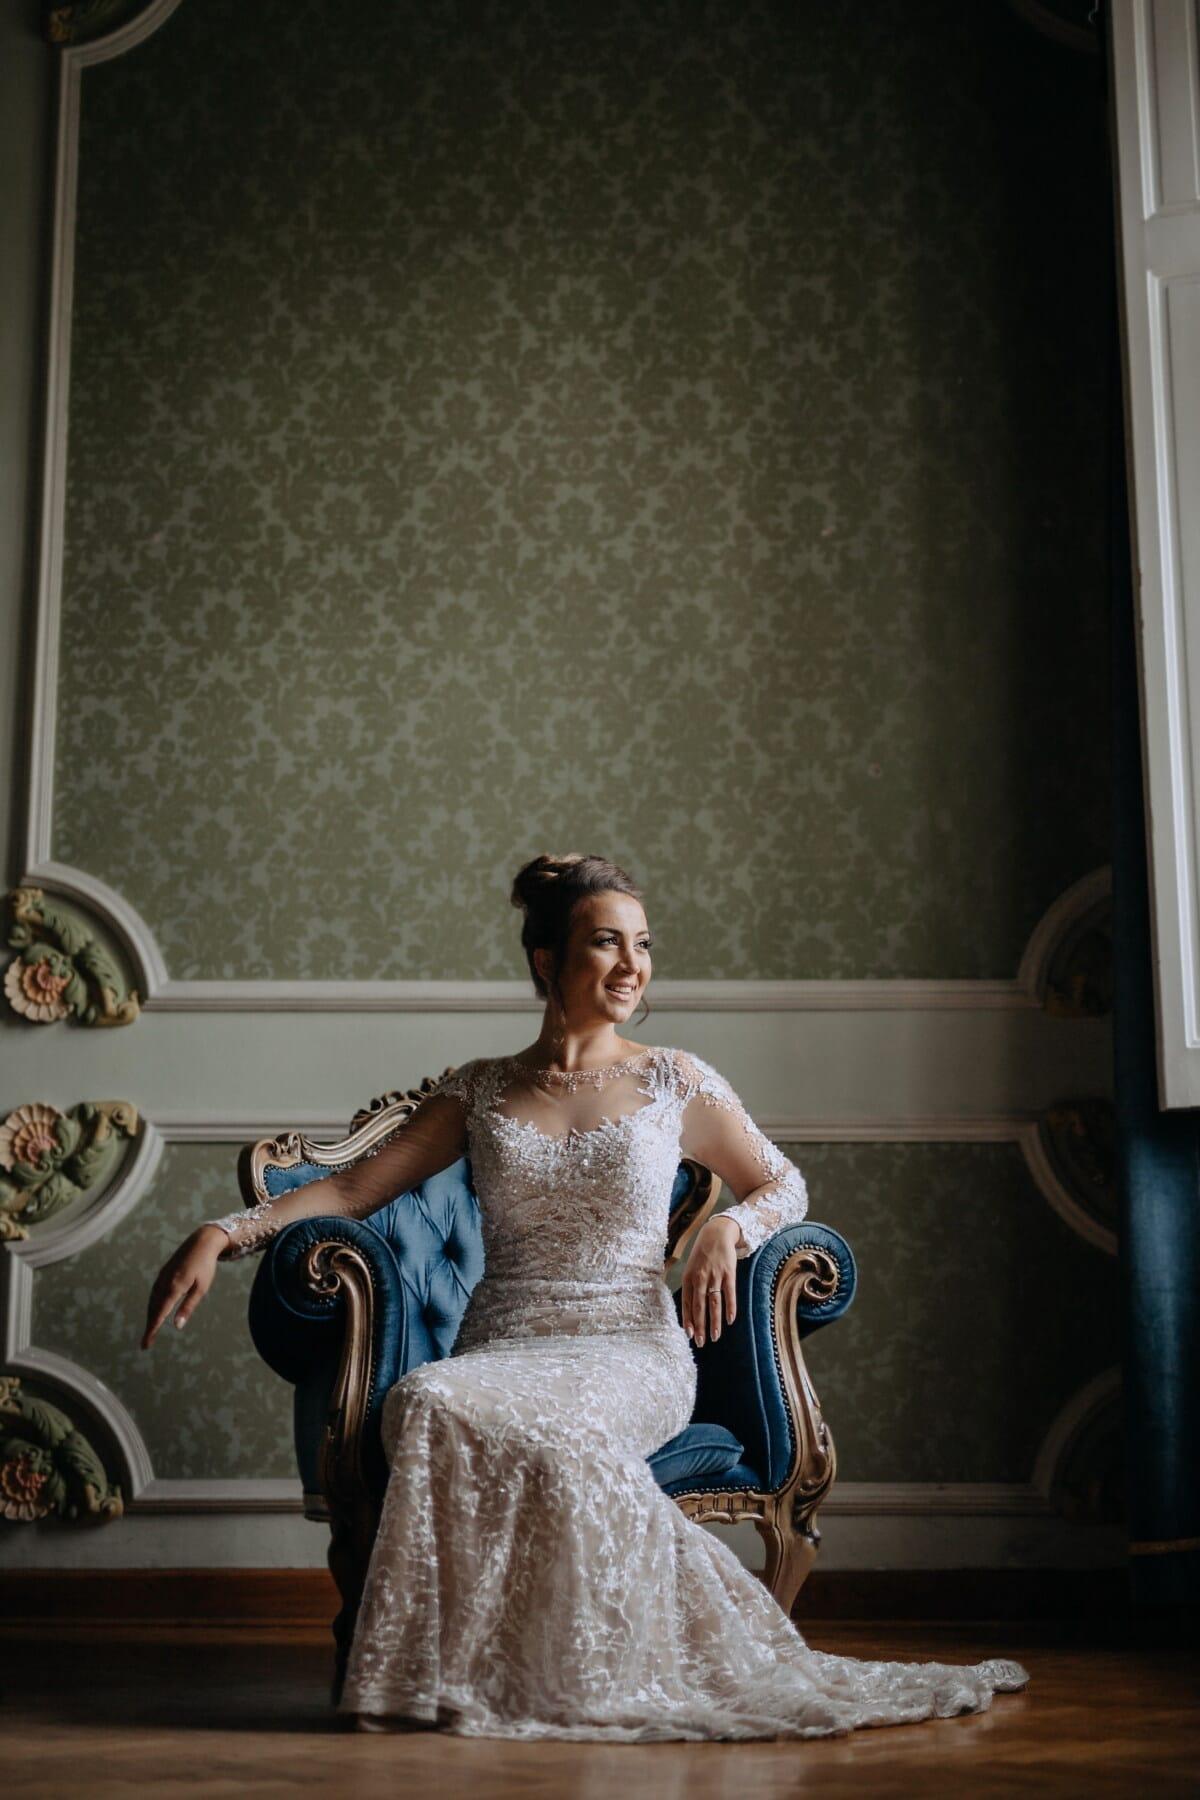 s úsmevom, dáma, kreslo, posedenie, Luxusné, salón, obývačka, barokový, portrét, žena